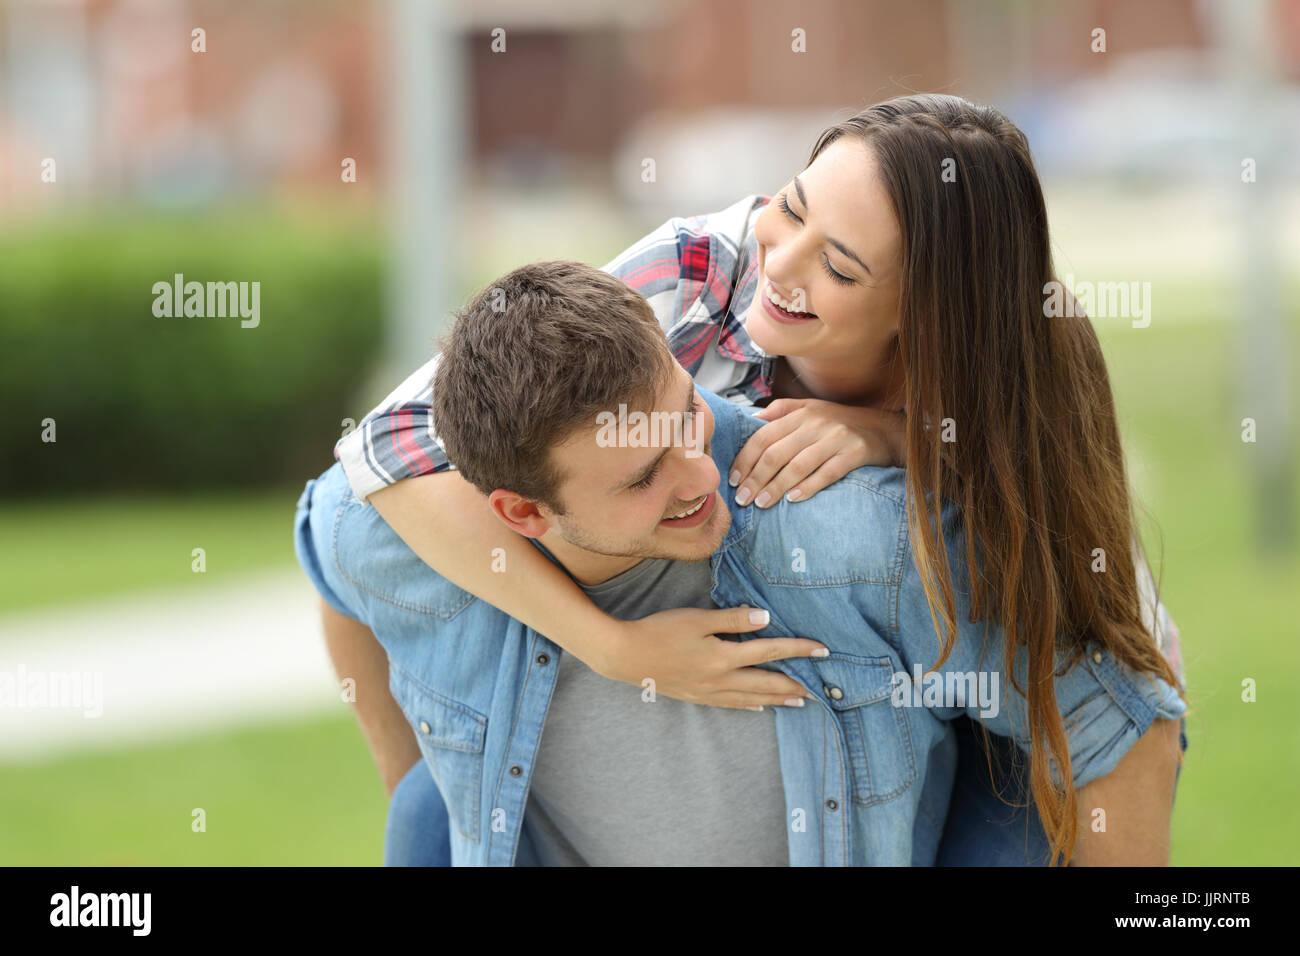 Vista frontal de una feliz pareja de adolescentes bromeando juntos piggyback al aire libre en un parque con un fondo Imagen De Stock